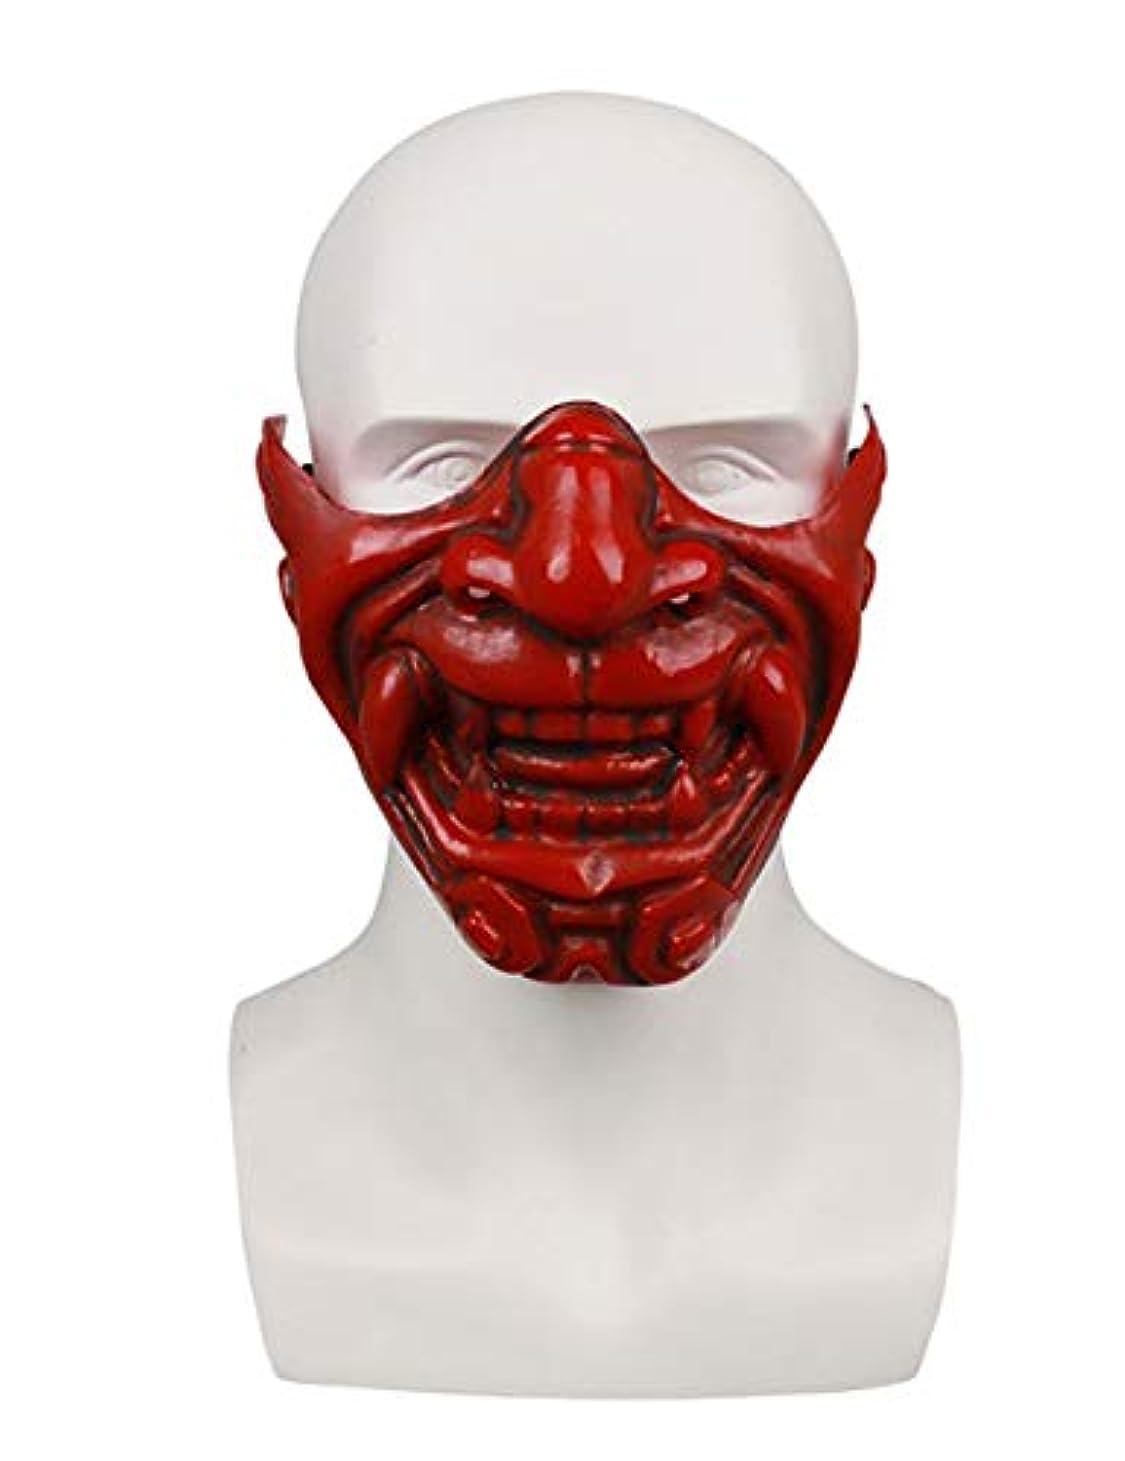 グリーンバック失敗未就学ハロウィーンハーフフェイスマスクホラーデビルマスク映画の小道具仮装マスク (Color : RED)